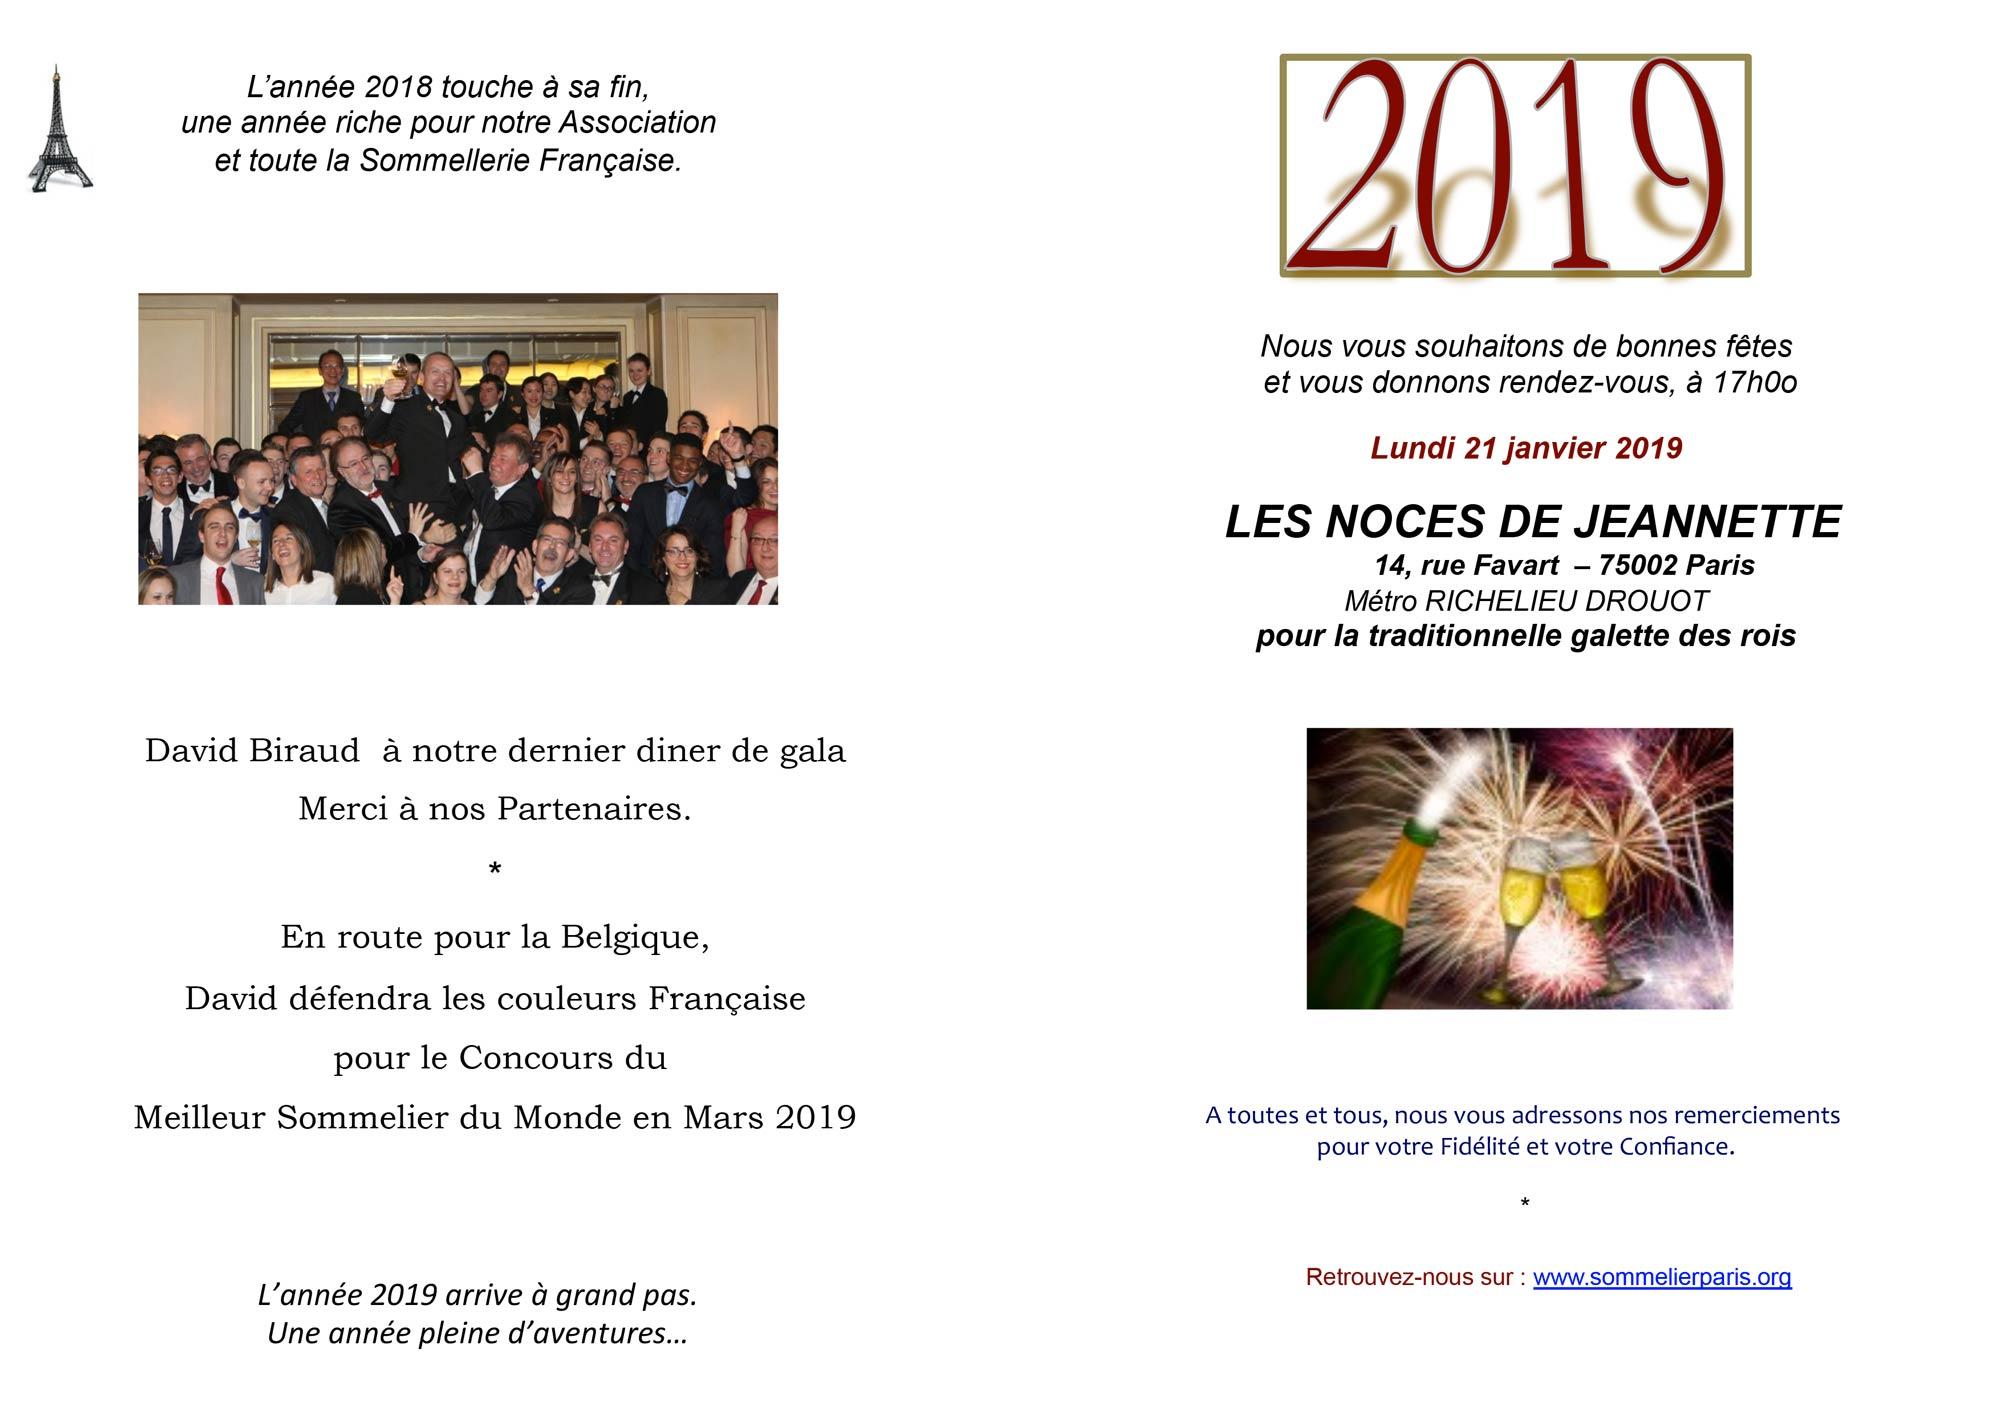 Invitation aux Voeux de l'Association pour l'année 2019